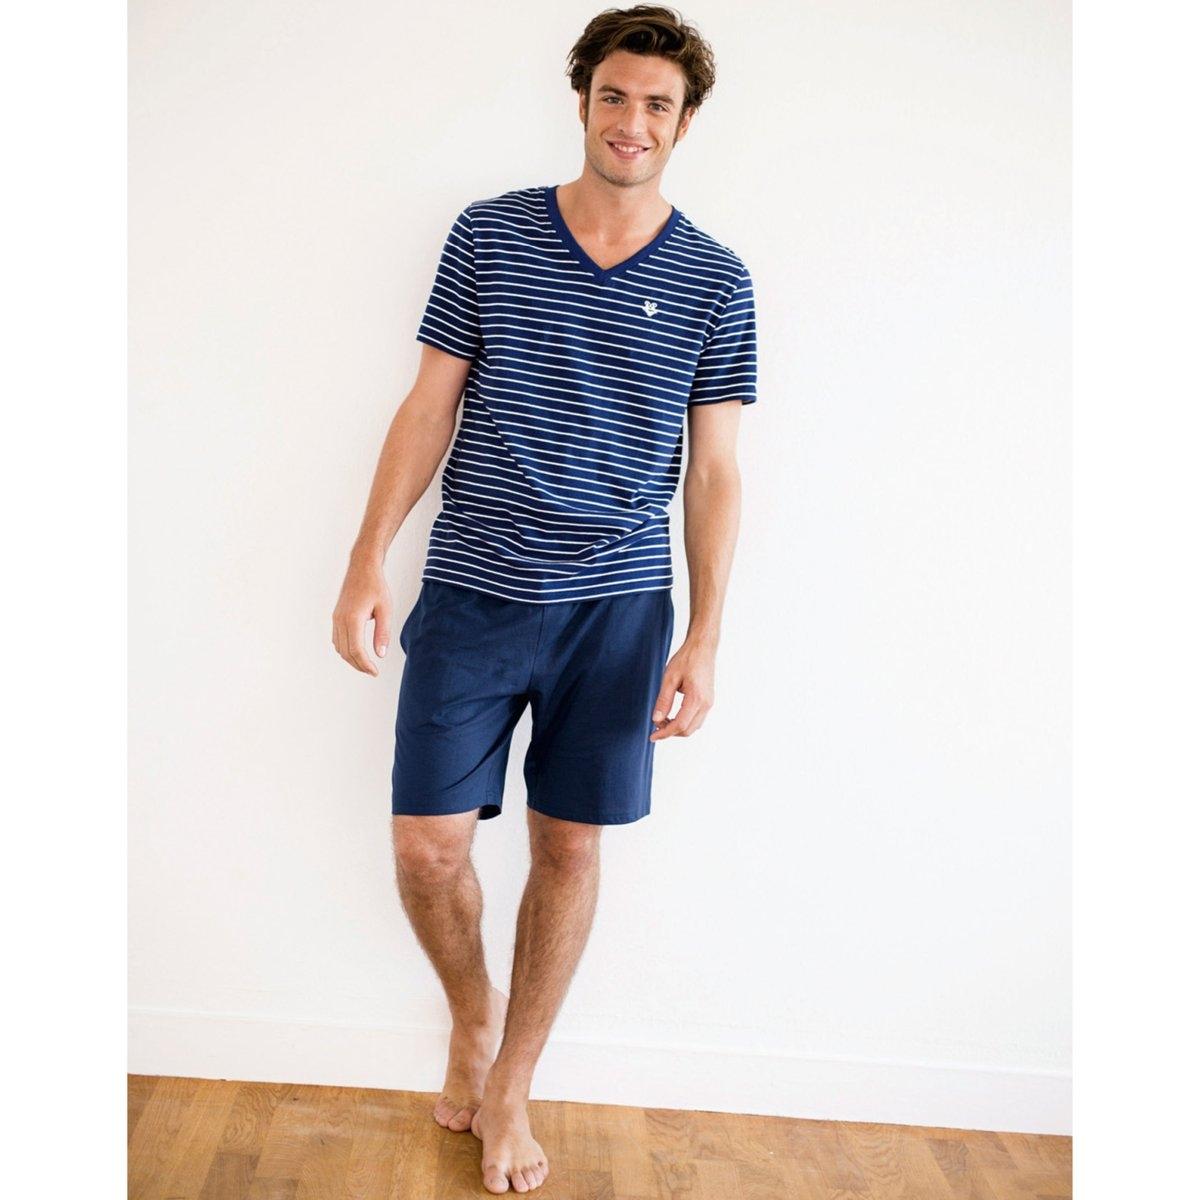 Пижама из хлопка джерсиПижама с шортами из джерси, 100% хлопок. Изысканная и удобная пижама с шортами. Верх: футболка с коротким рукавом в полоску с V-образным вырезом, меланжевый эффект, вышивка на груди низ: однотонные шорты, пояс на резинке, 2 боковых кармана  .<br><br>Цвет: серо-синий в полоску,темно-синий в полоску<br>Размер: XL.L.S.XL.3XL.M.XXL.M.L